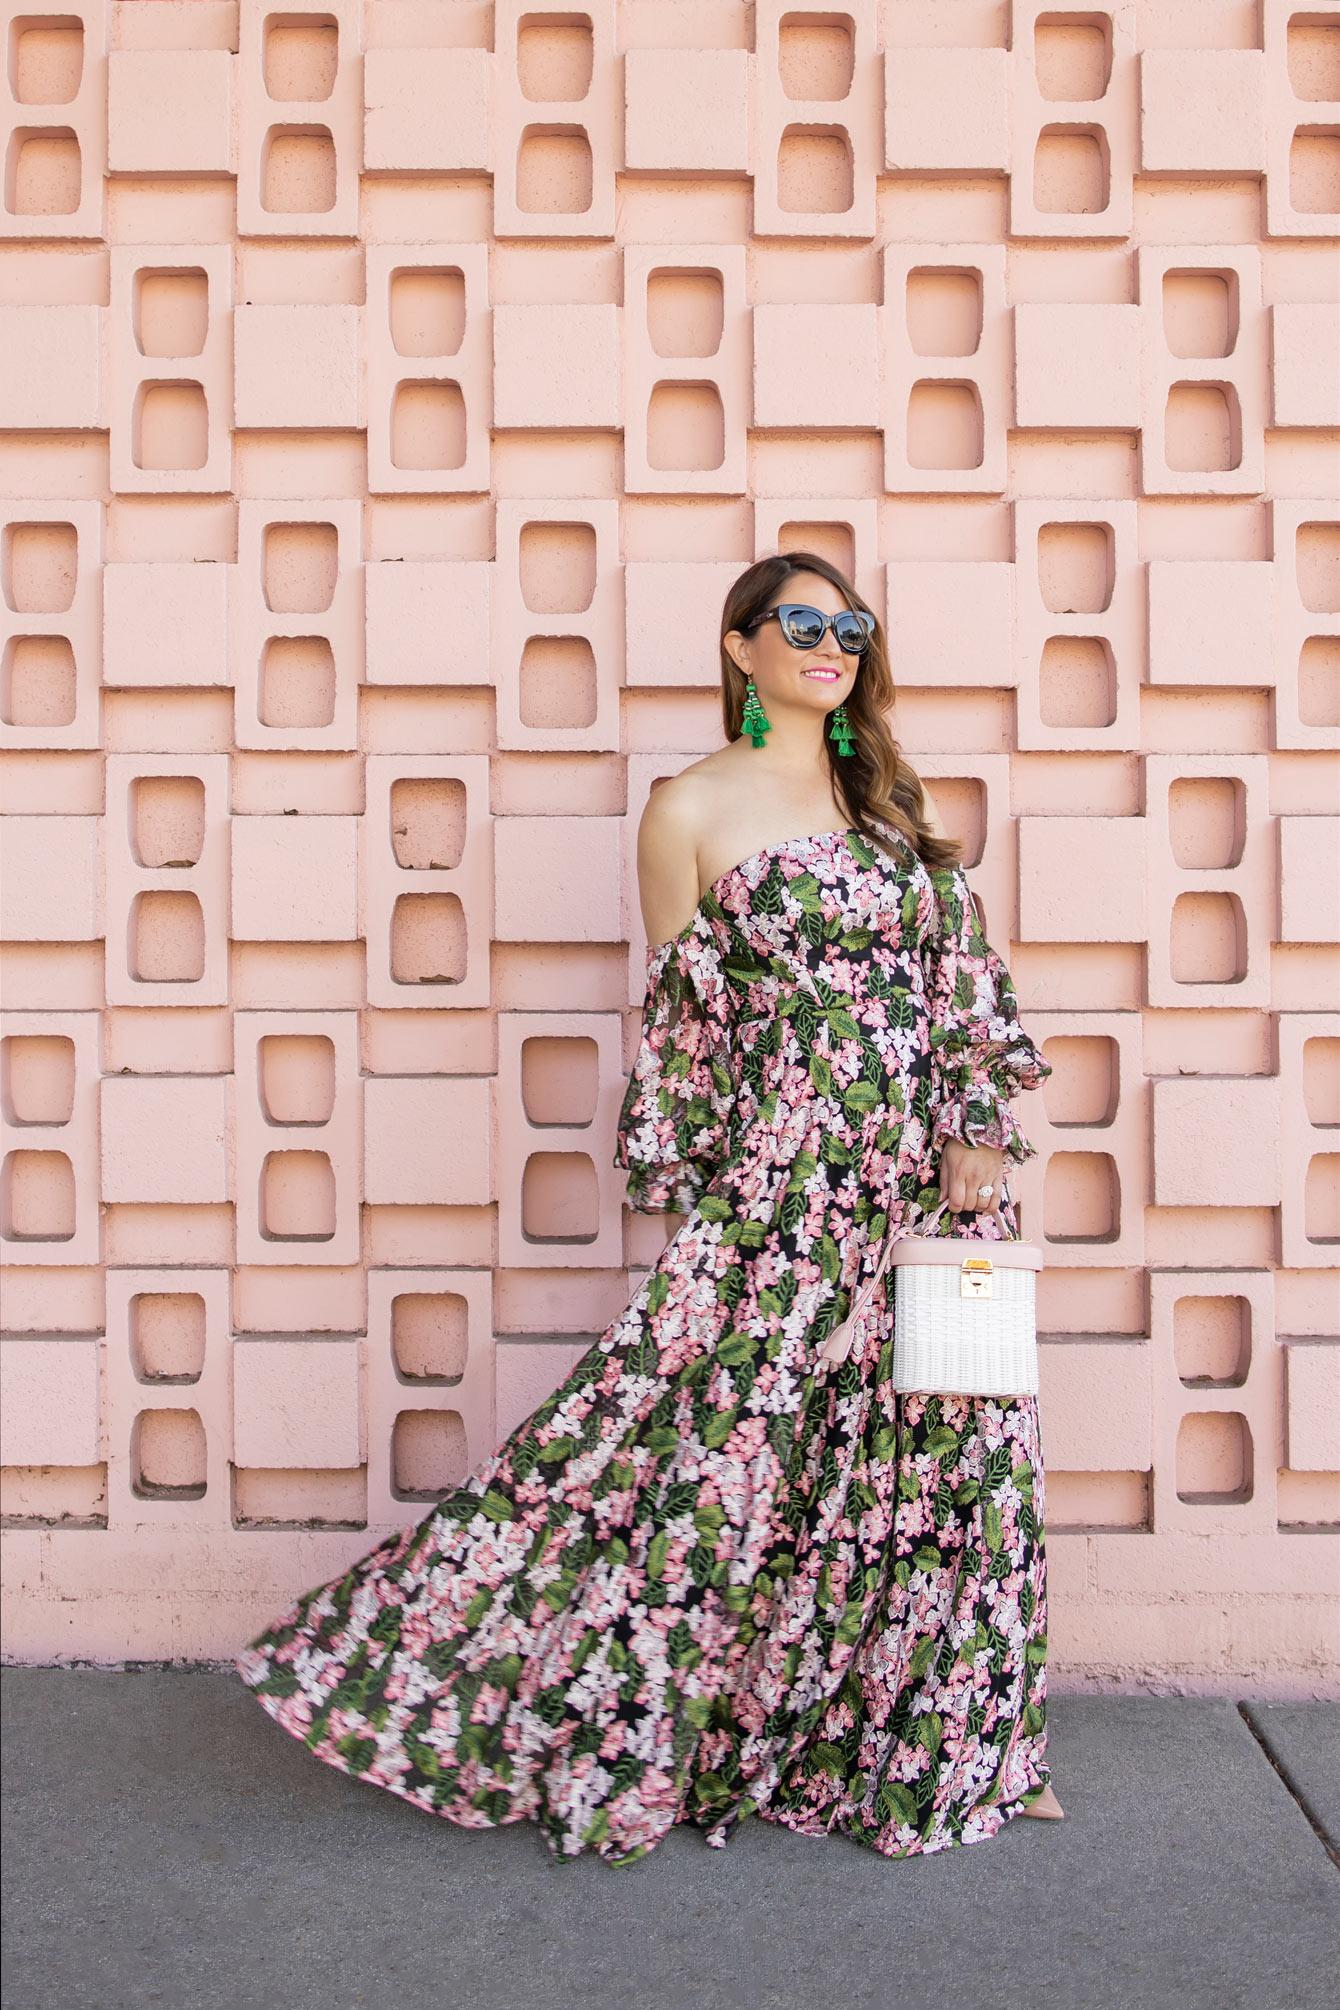 ASOS Pink Green Lace Maxi Dress